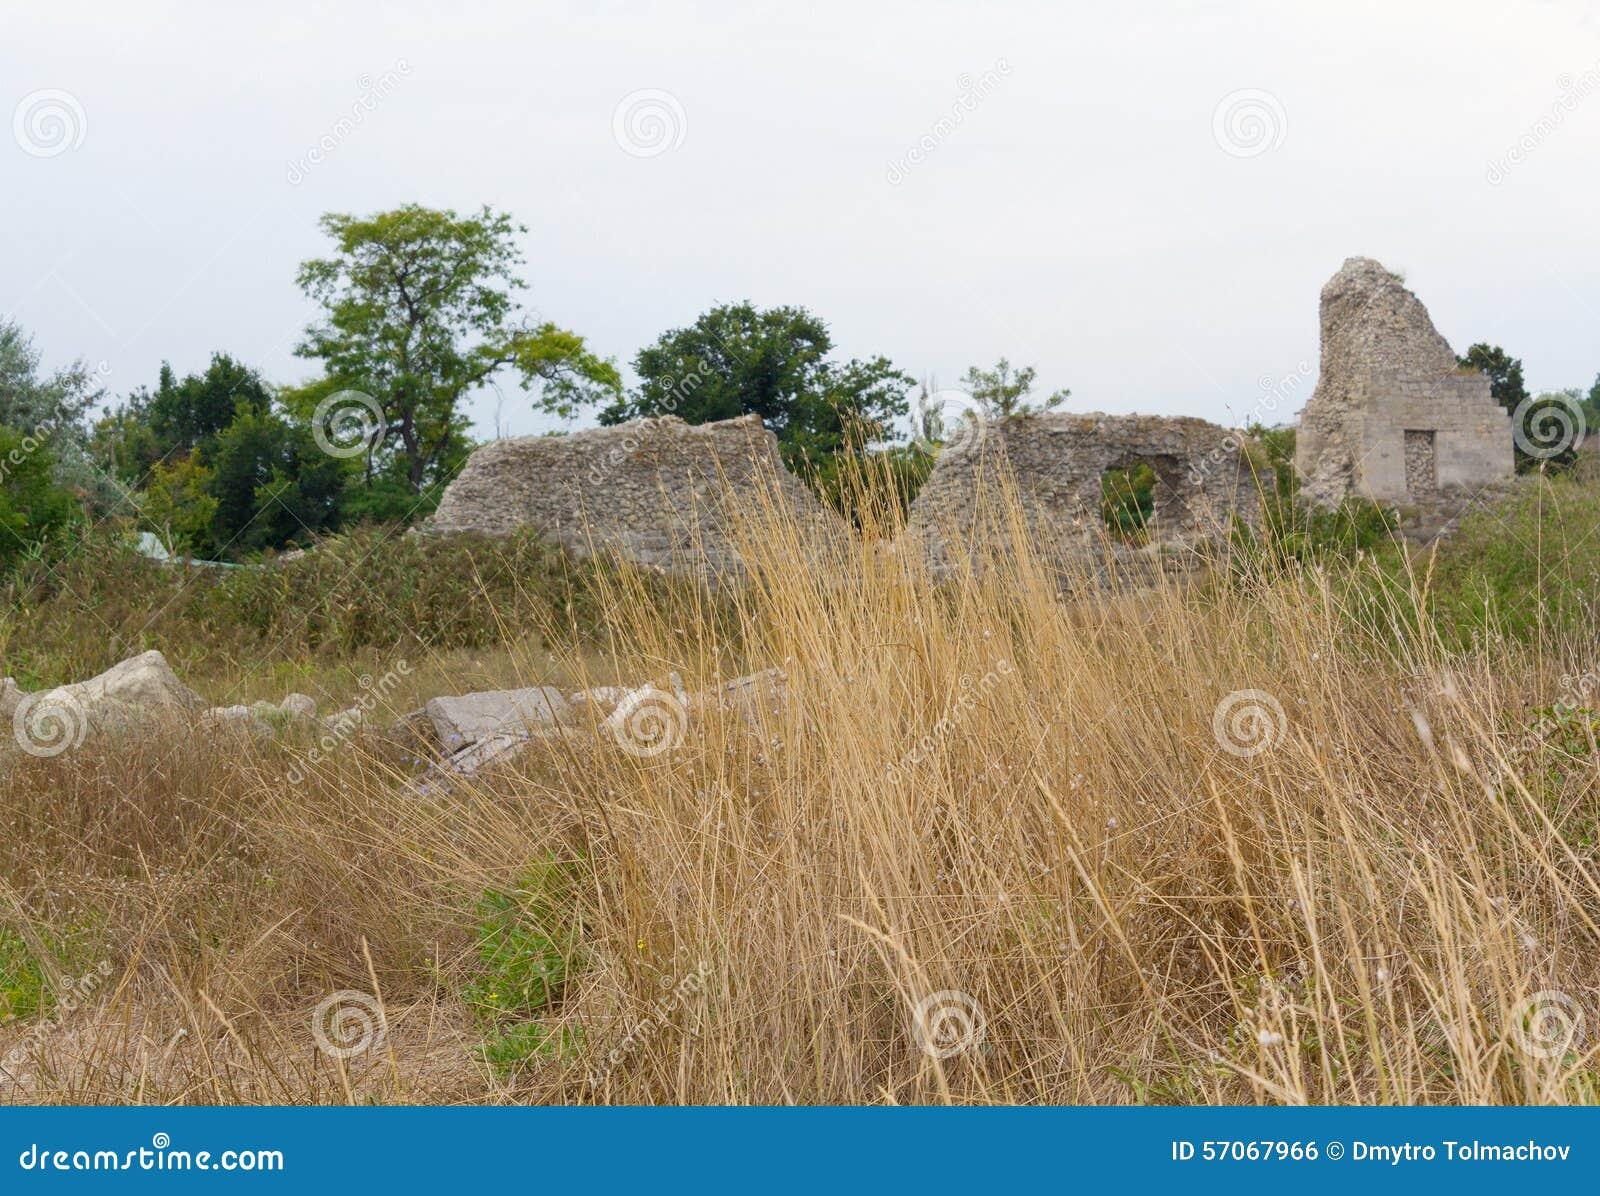 Oude Griekse Chersonesus Taurica dichtbij Sebastopol in de Krim